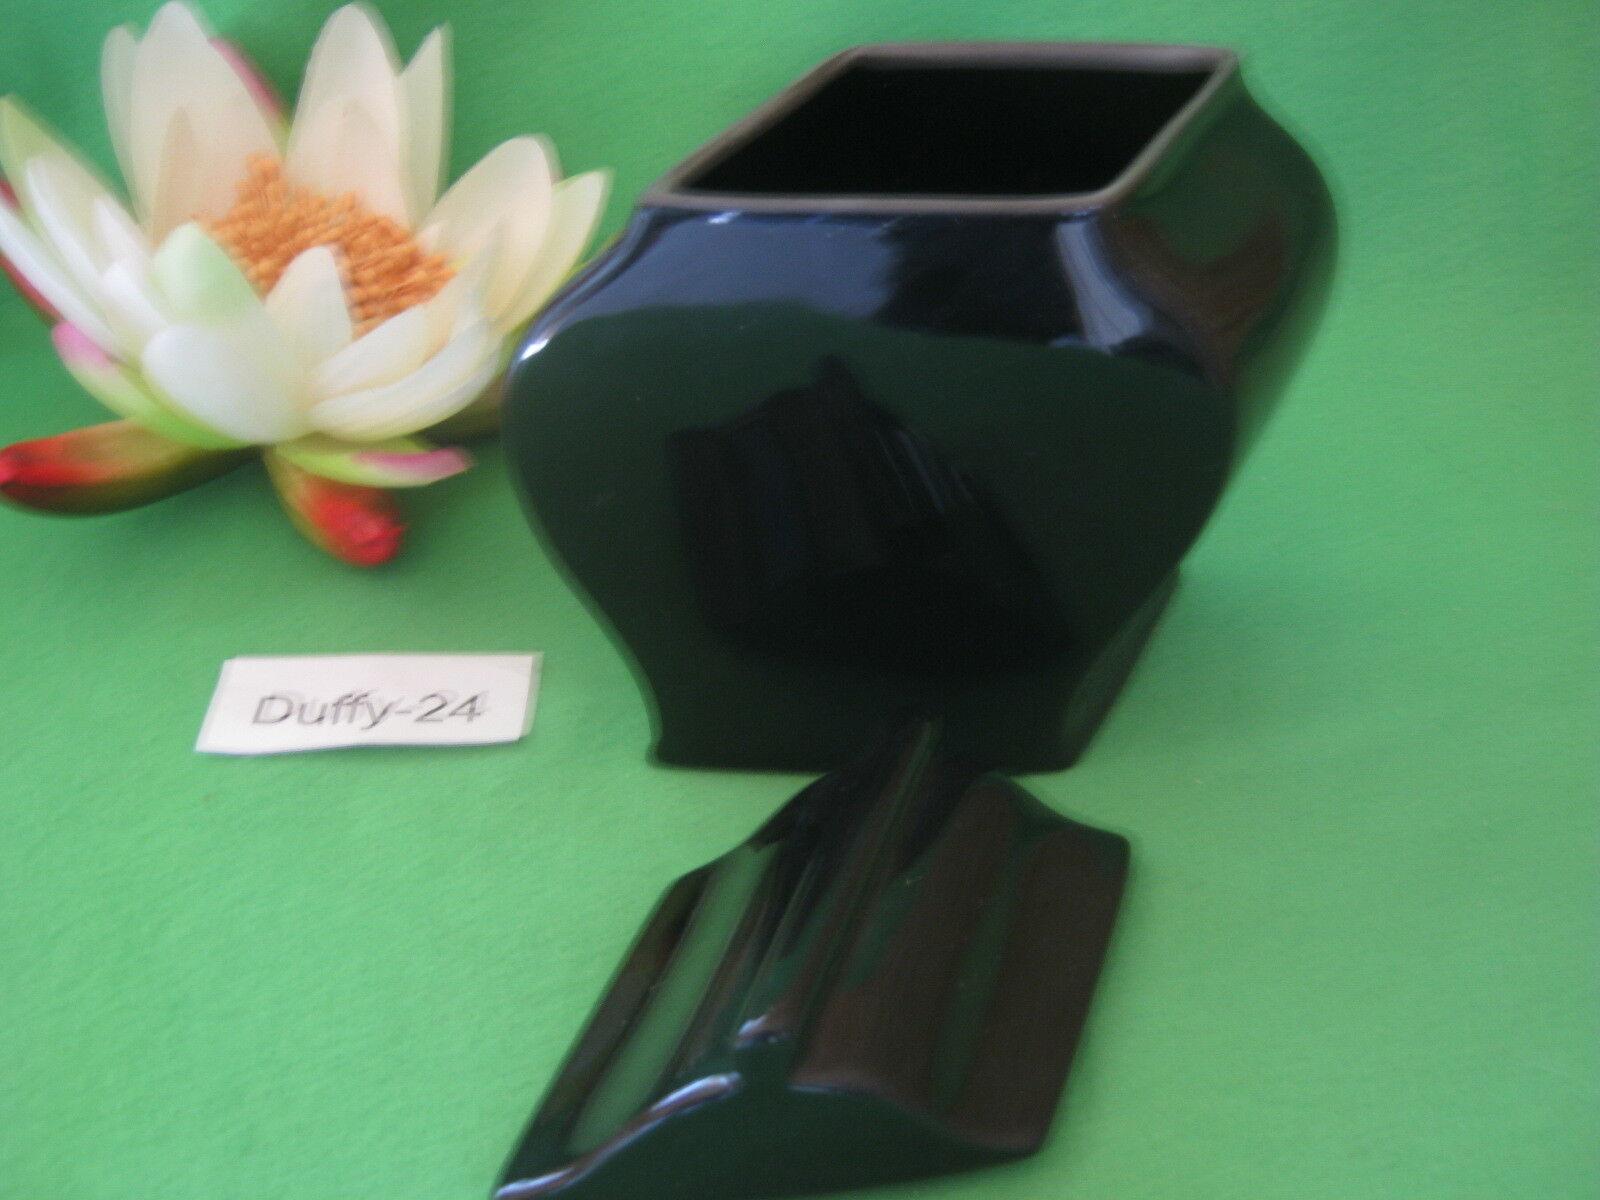 Schwarze  Dose schräge laufend 15 15 15 cm  2 tlg Jsika  von Rosanthal | Berühmter Laden  c384e5